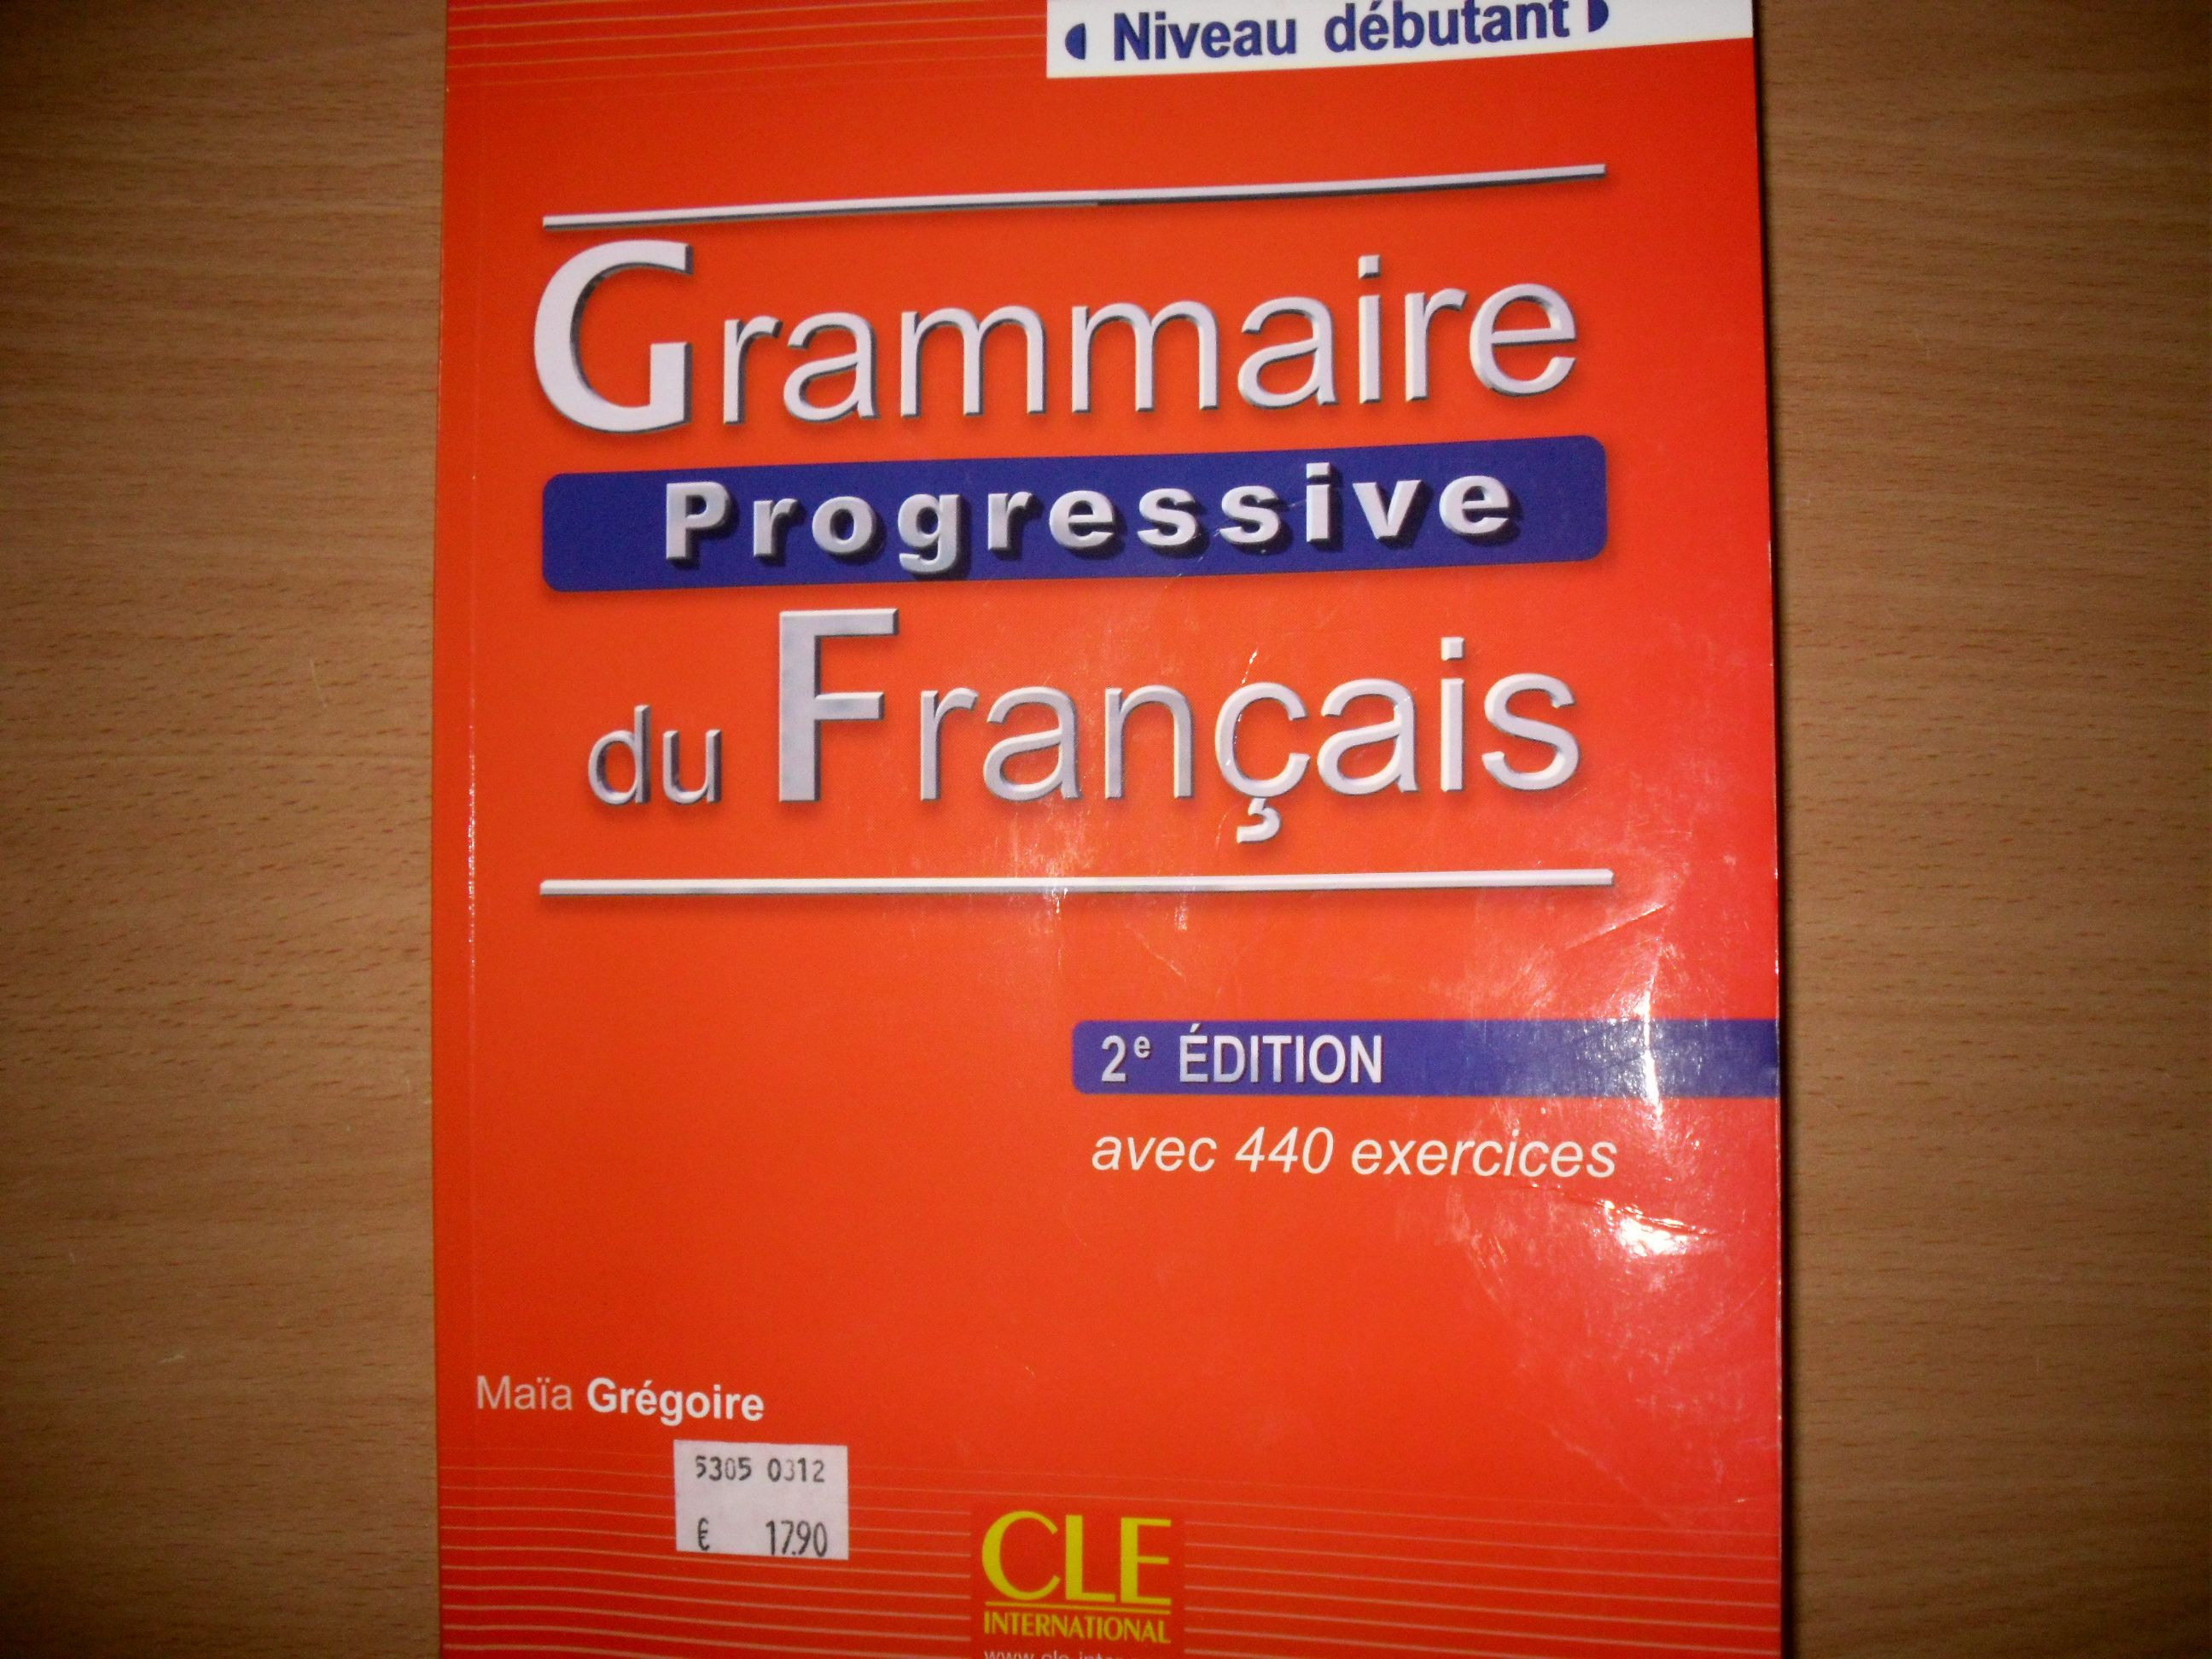 Скачать бесплатно книги для изучения французского языка